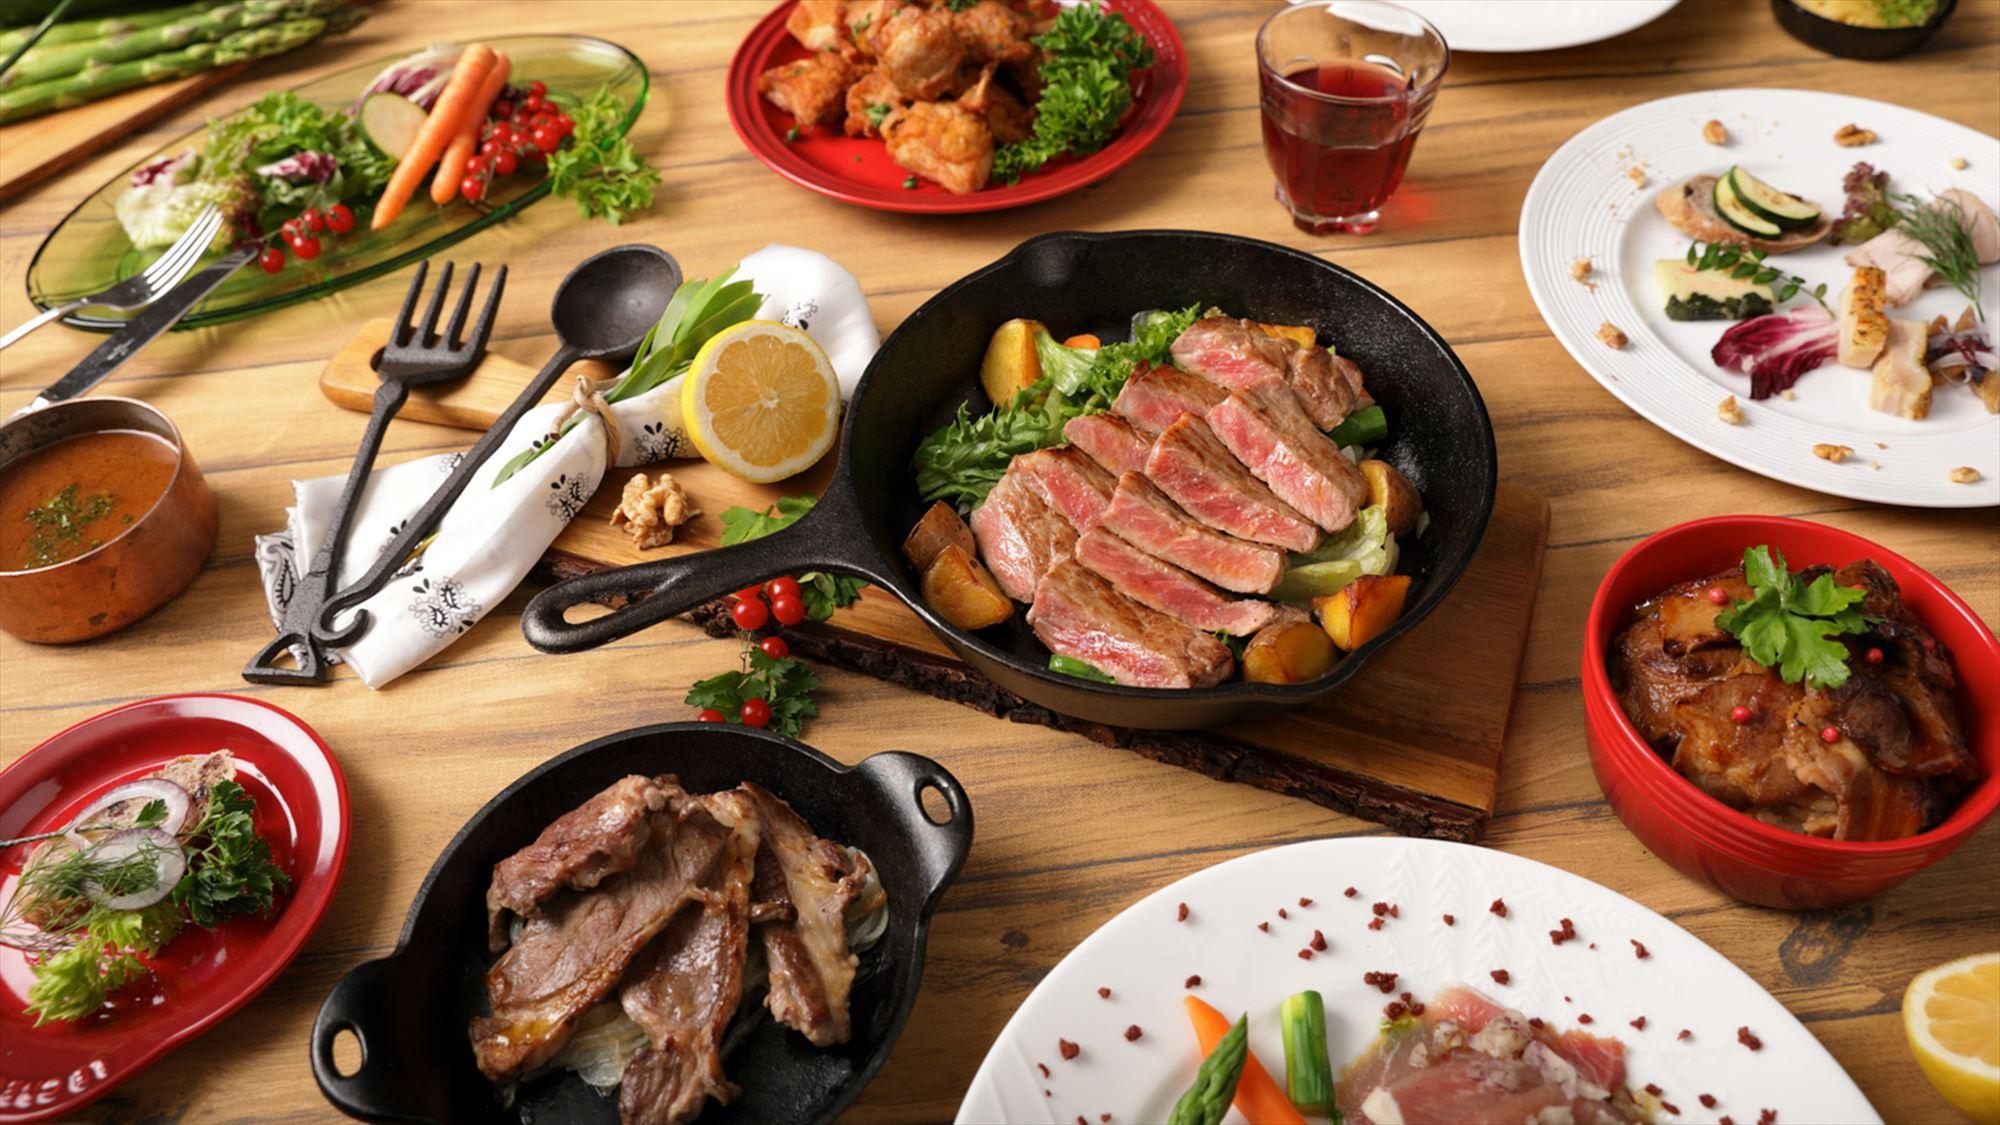 【スタンダード|夕朝食付】ビュッフェ満喫!肉の食べ比べや海鮮丼など北海道の味覚を堪能(6-10月)